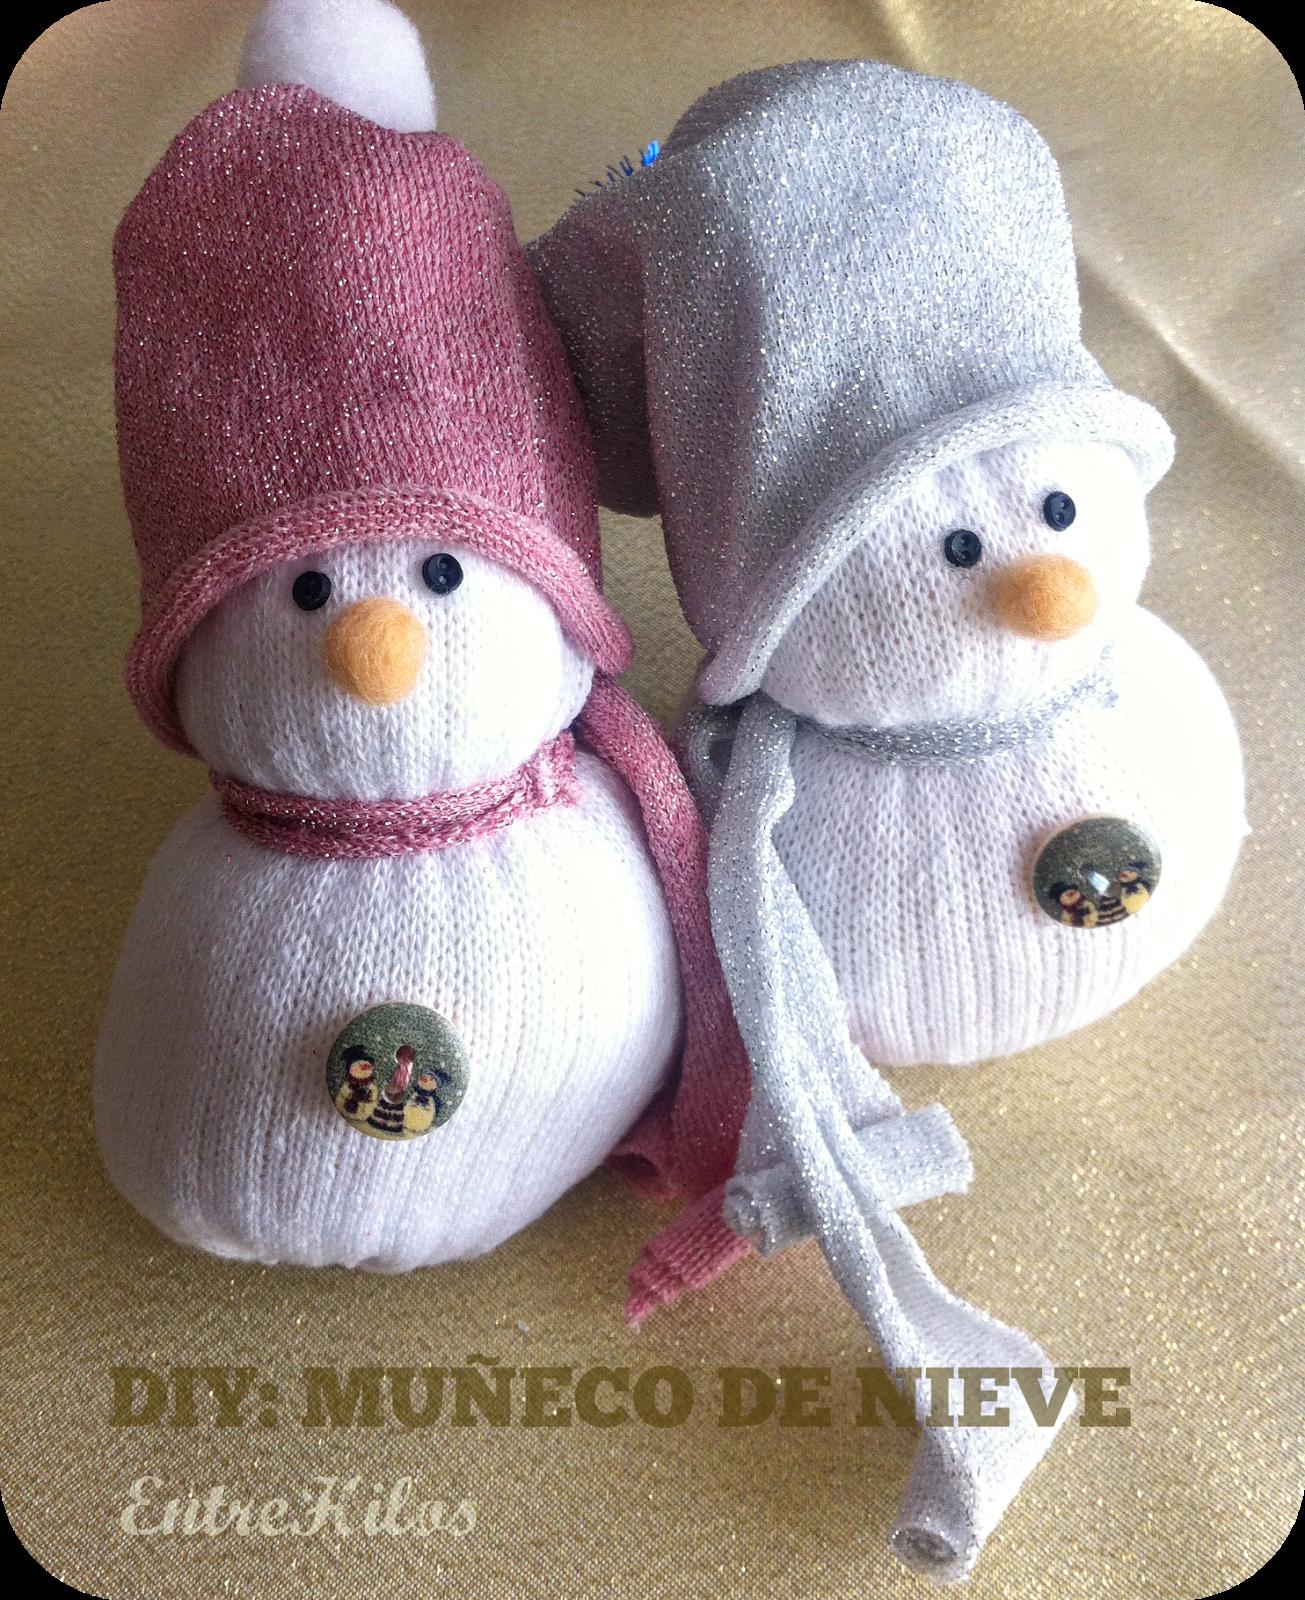 Diy c mo hacer un mu eco de nieve con un calcet n nieve - Hacer munecos con calcetines ...